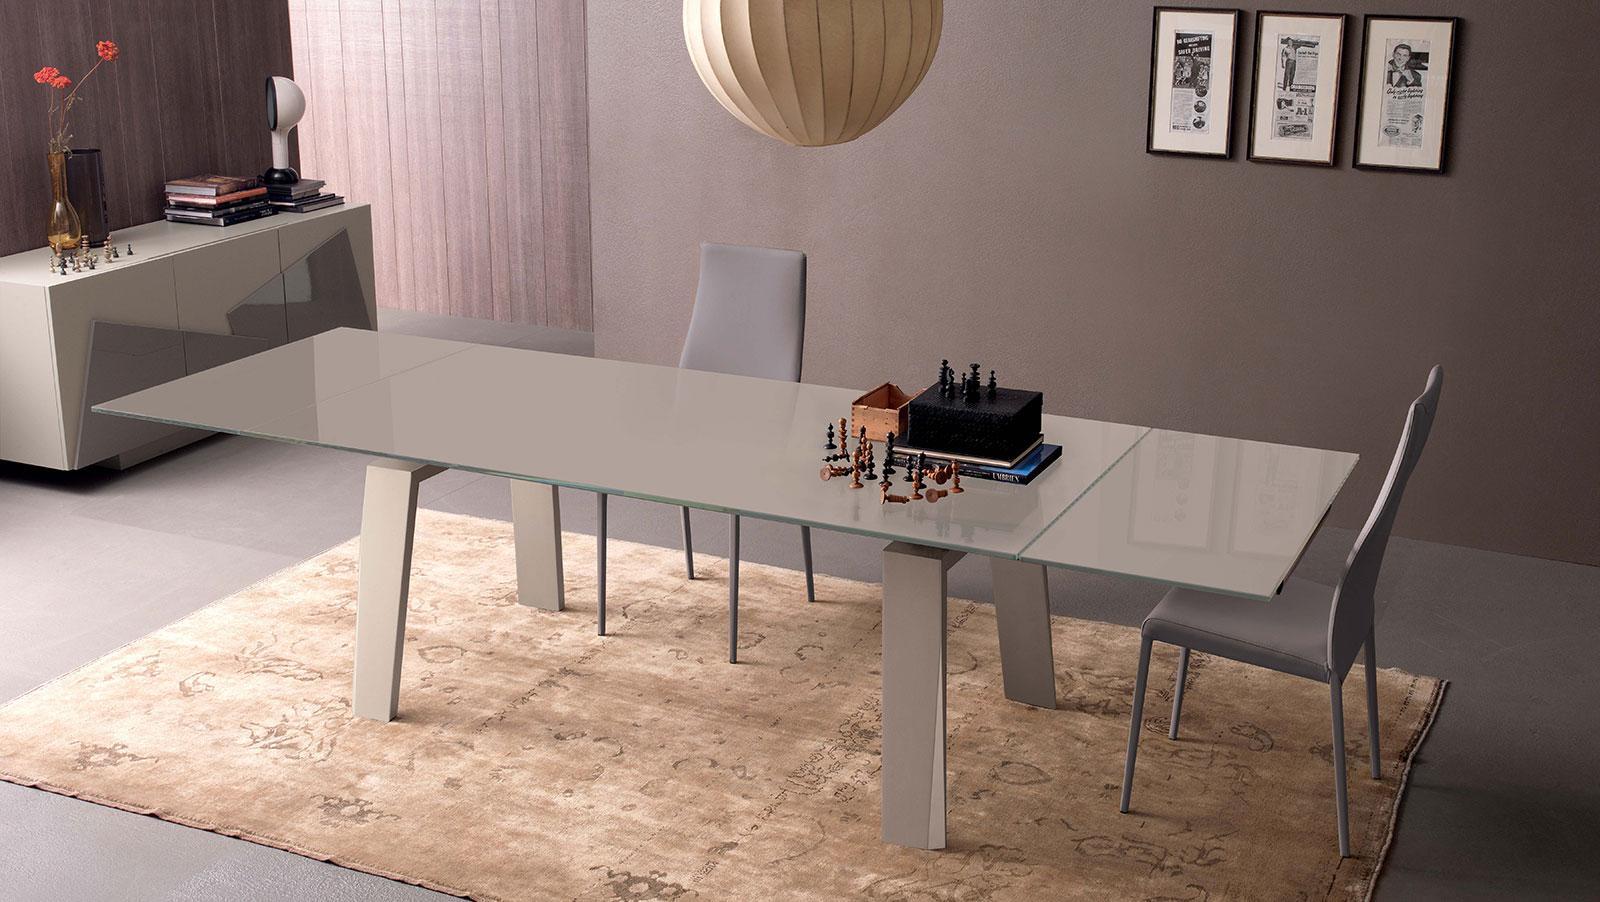 Free sedia ufficio bianca prezzo arredamento casa ufficio for Arredamento nordico on line